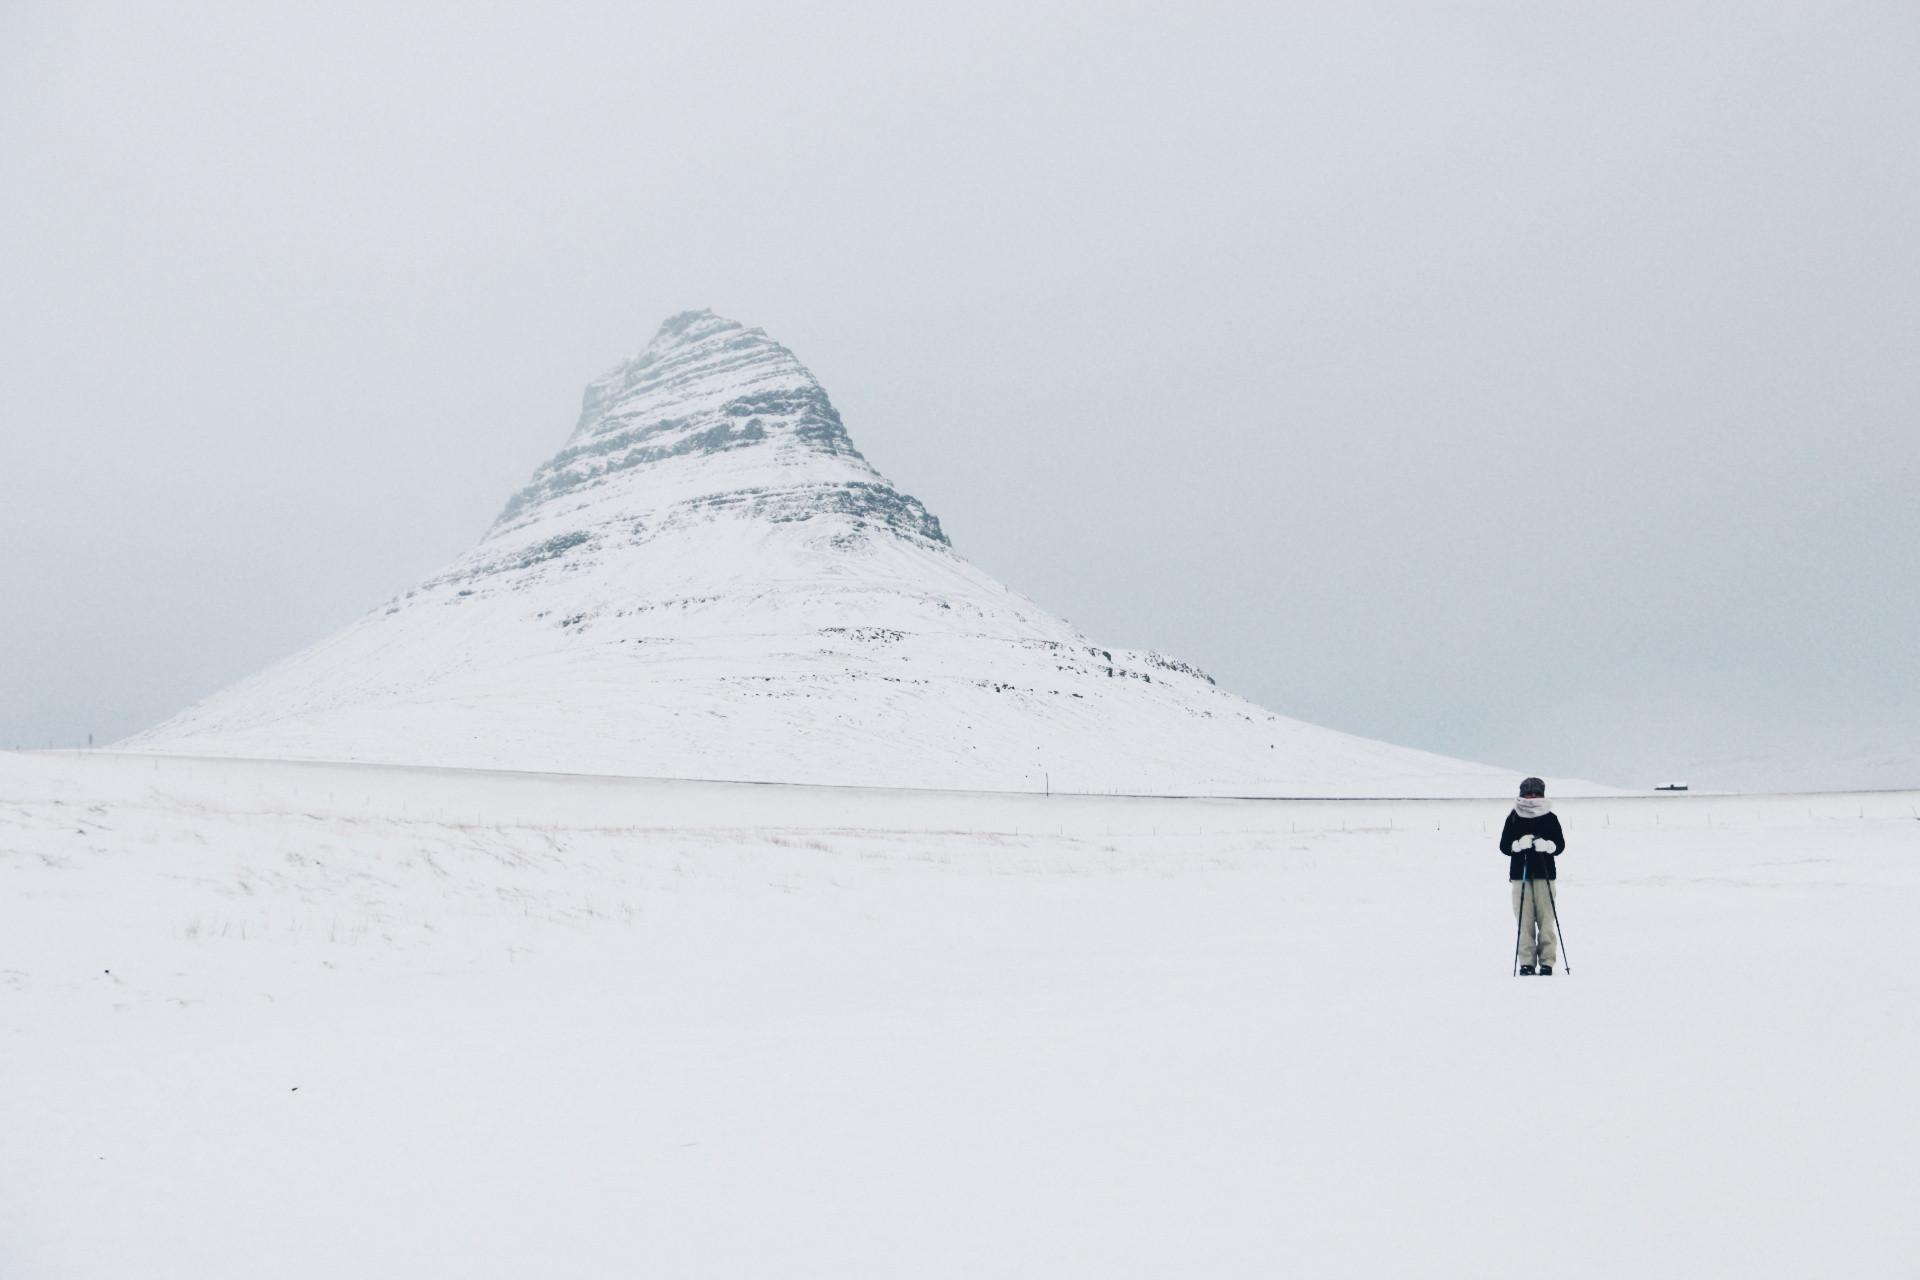 Snæfellnes peninsula